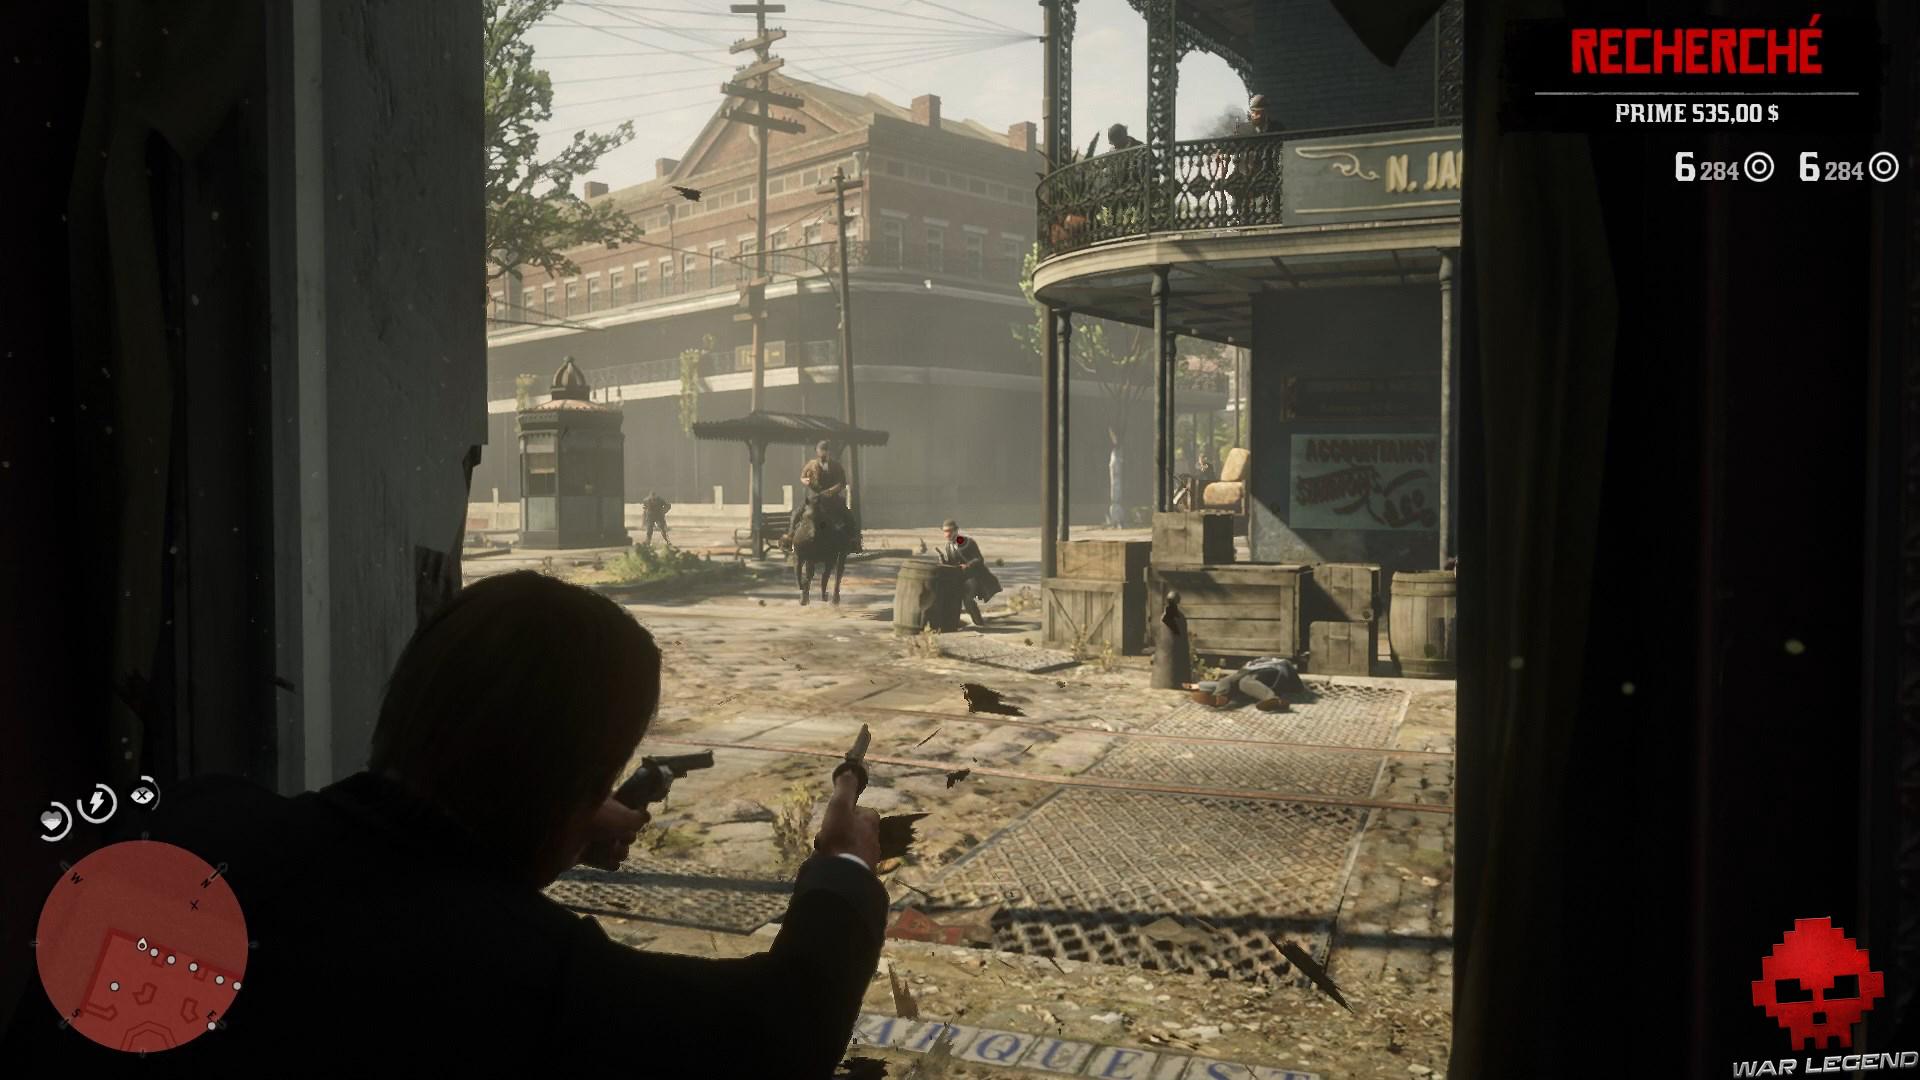 soluce red dead redemption 2 la banque cet ancien art américain arthur tir sur les ennemis par la fenêtre